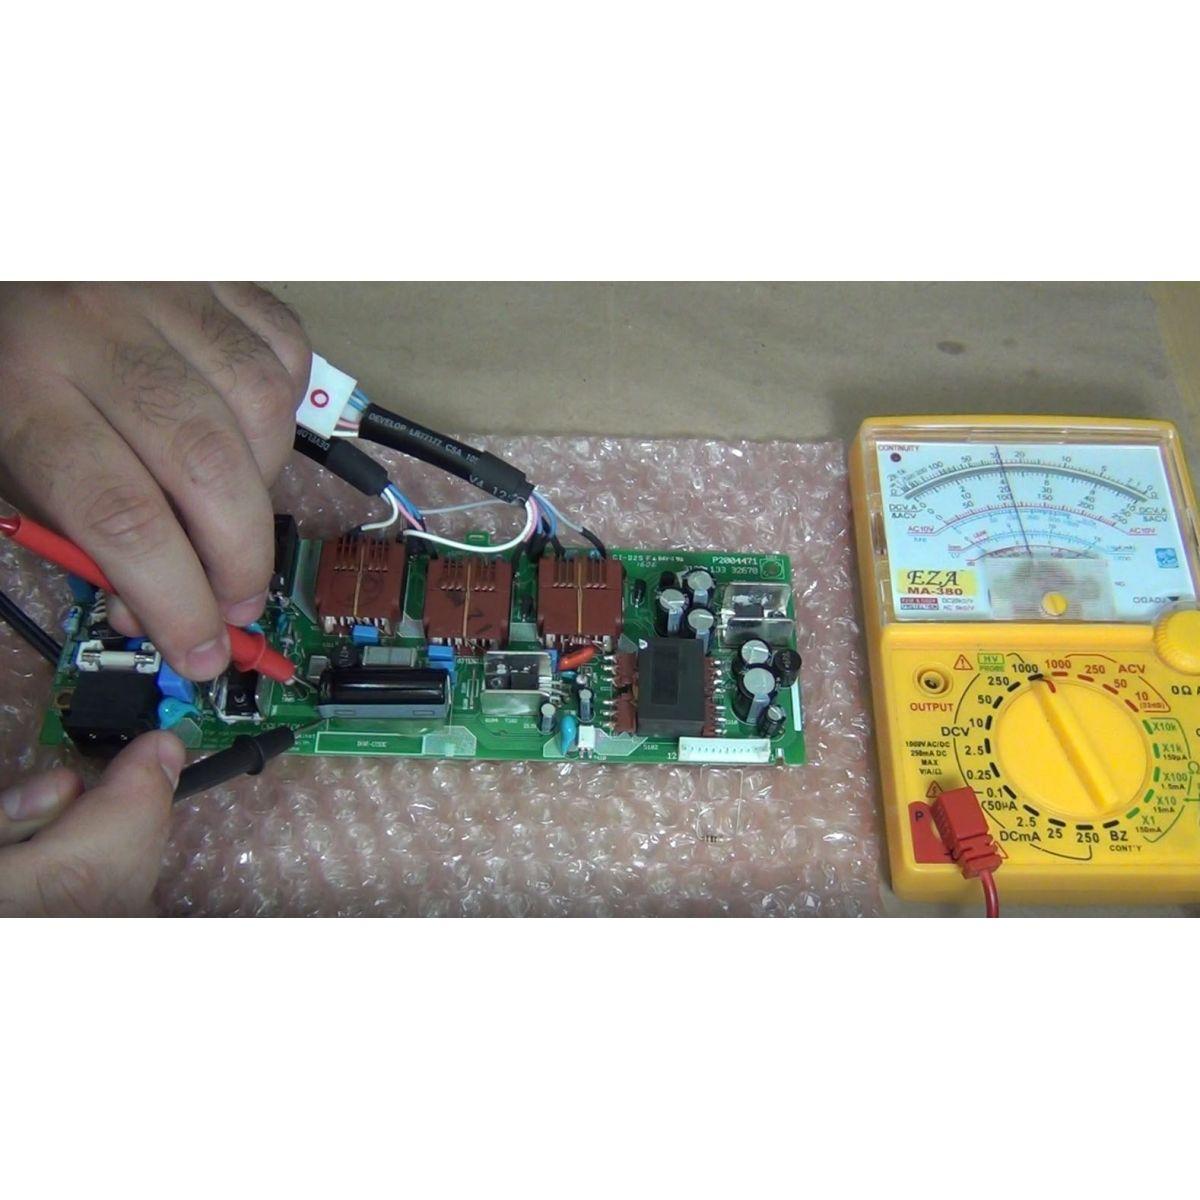 CURSO POR DOWNLOAD - CONSERTO EM FONTE DE TV LCD EM VÍDEO AULA - DLFP01